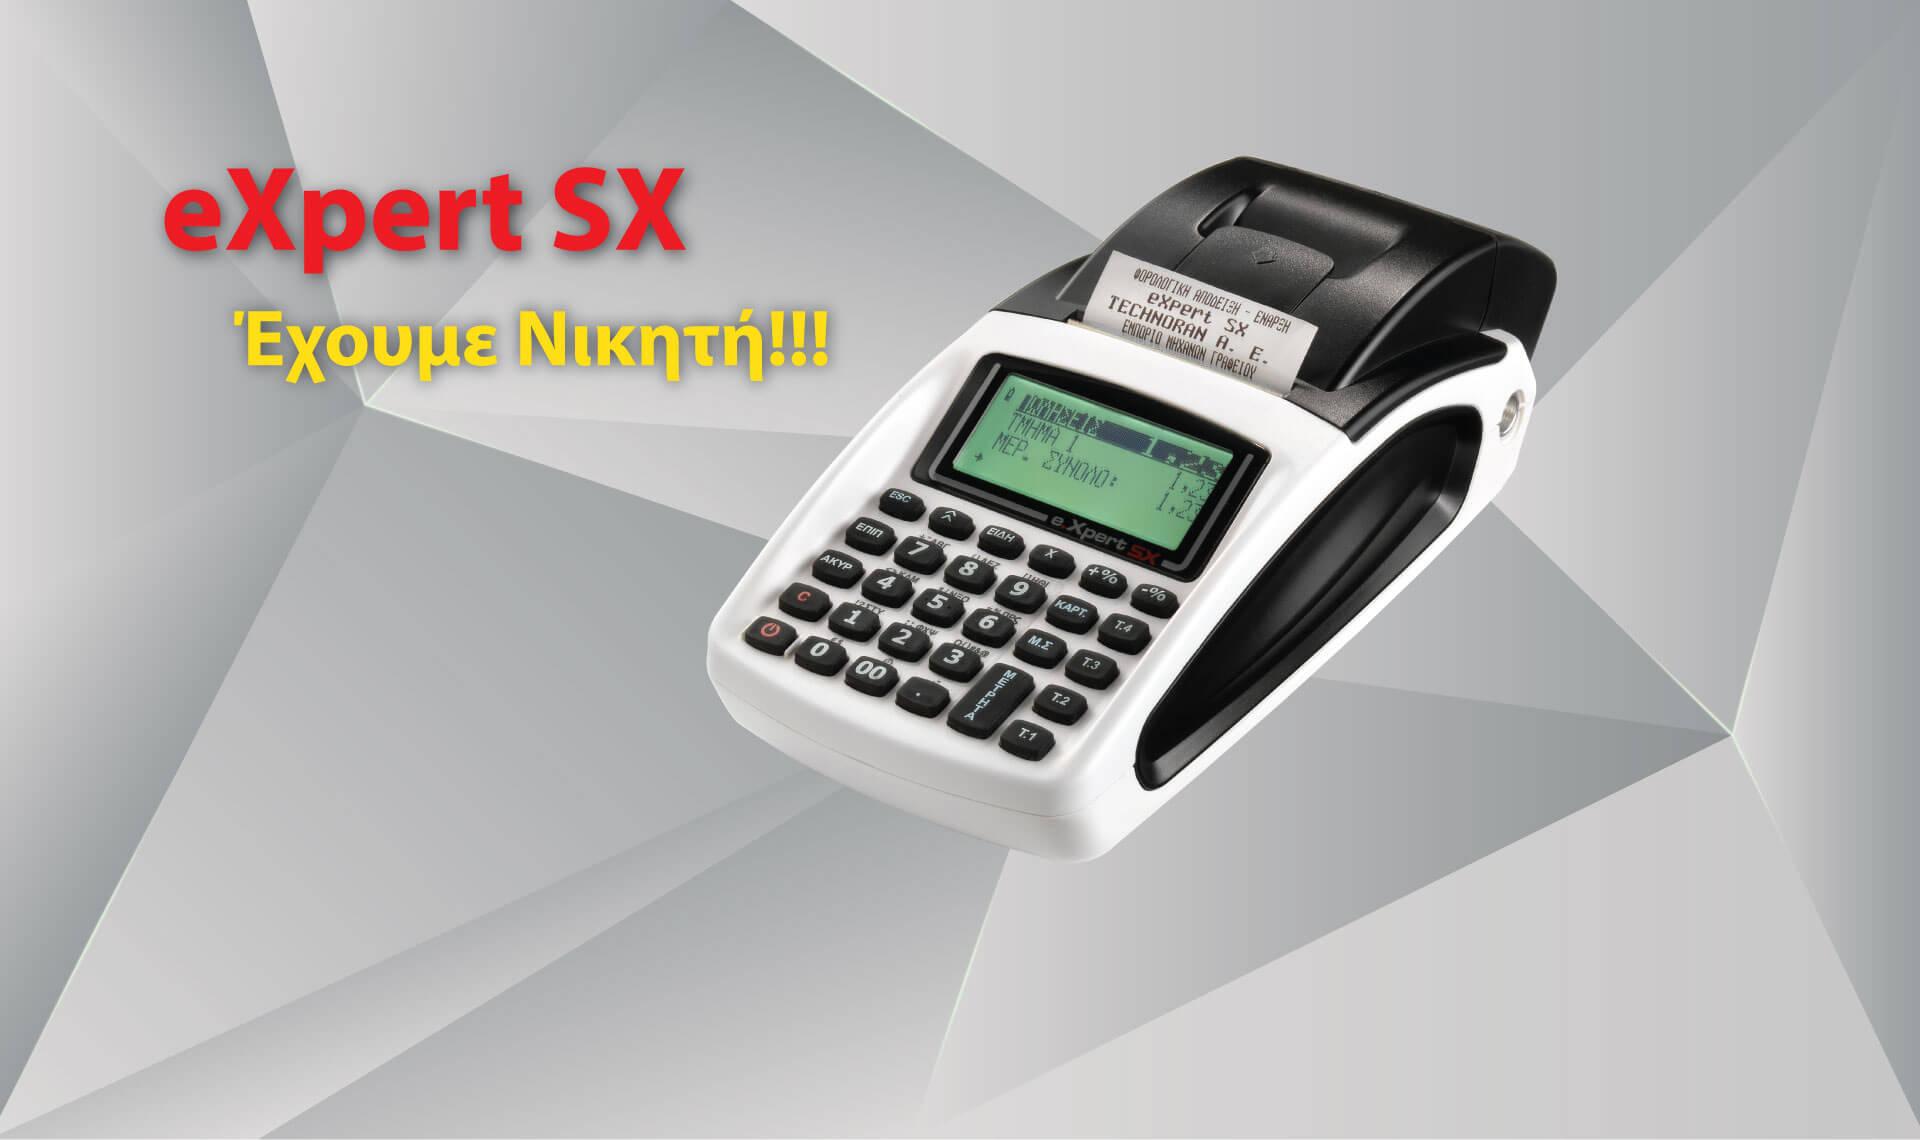 Ταμειακή μηχανή eXpert SX